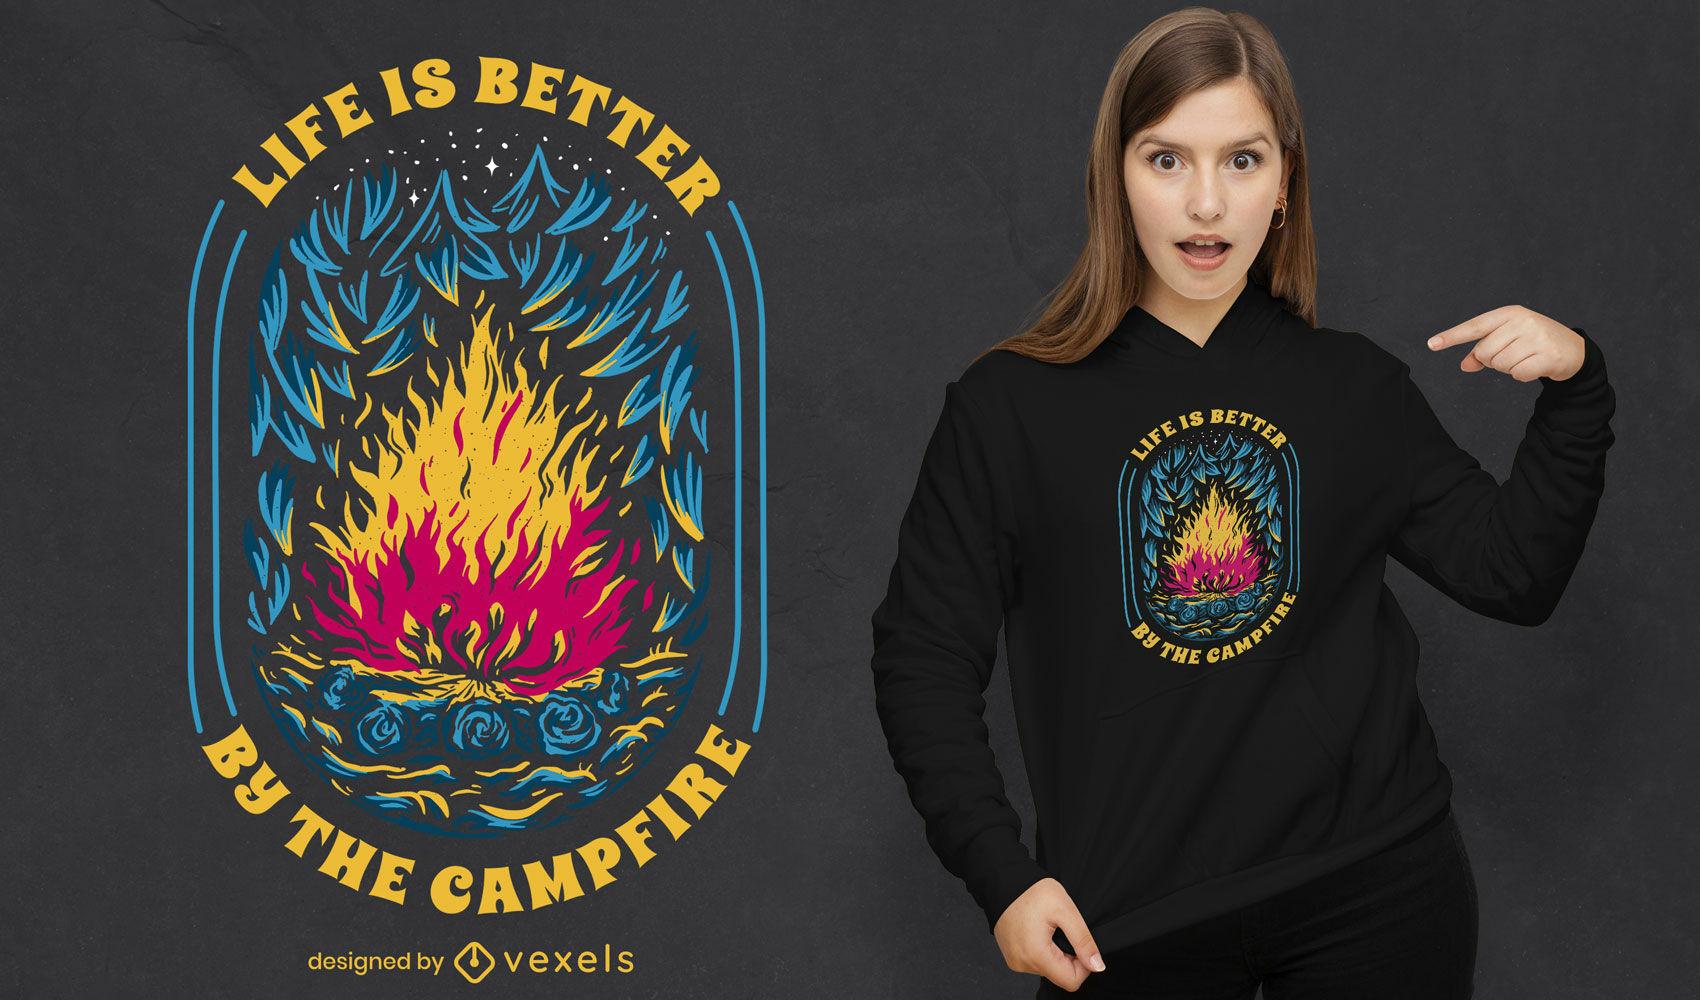 Life is better campfire t-shirt design